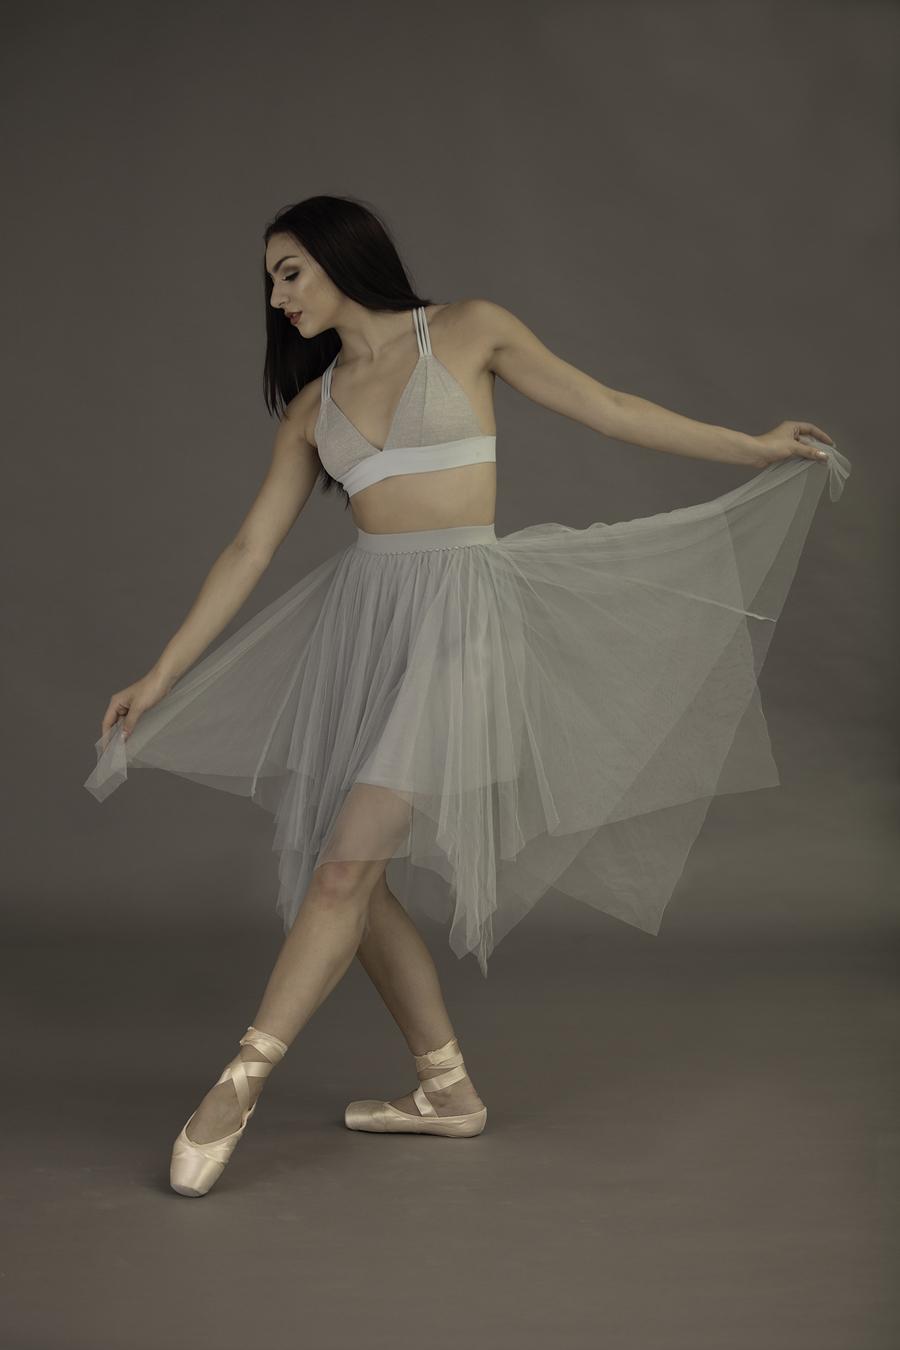 The beauty of Ballet / Photography by Inspire Studios Ltd, Model Elesha Eden, Taken at Inspire Studios Ltd / Uploaded 13th November 2018 @ 06:27 PM